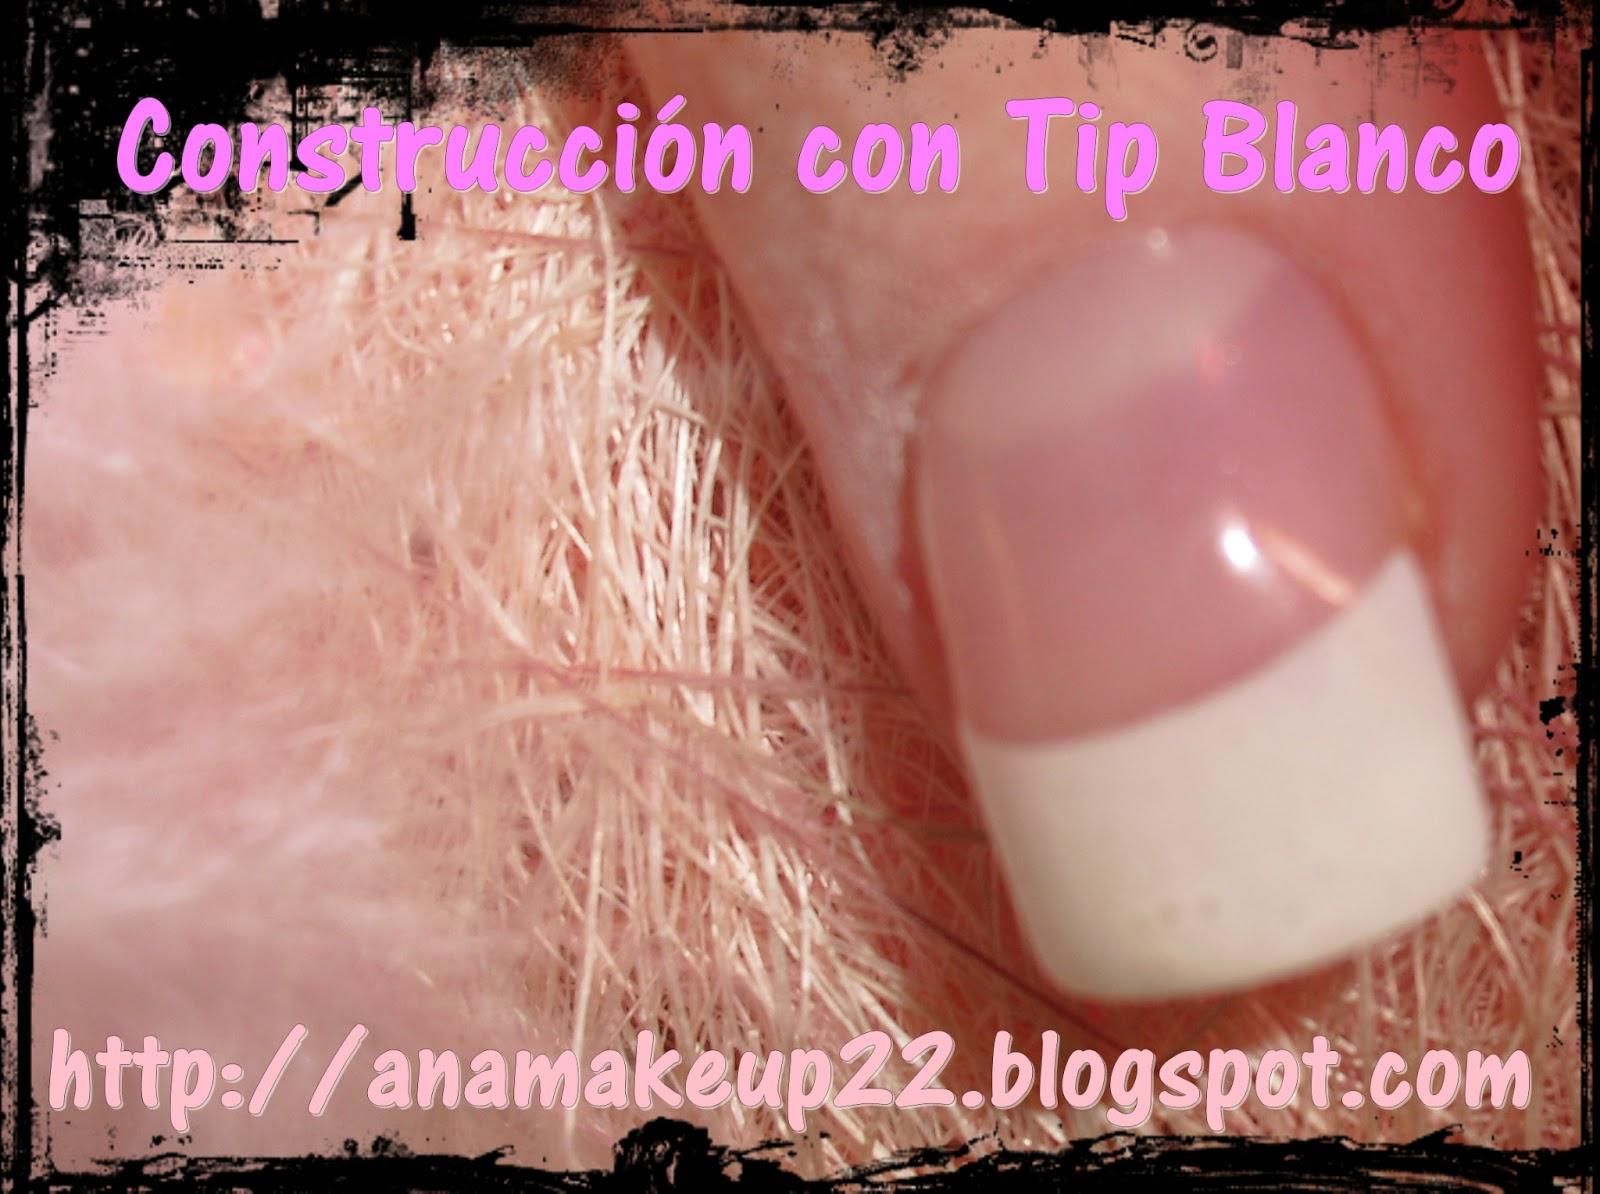 http://1.bp.blogspot.com/-08rXB9D65HA/UPh_rXX1NSI/AAAAAAAABas/EwFpRXQJz0E/s1600/CIMG5229.JPG